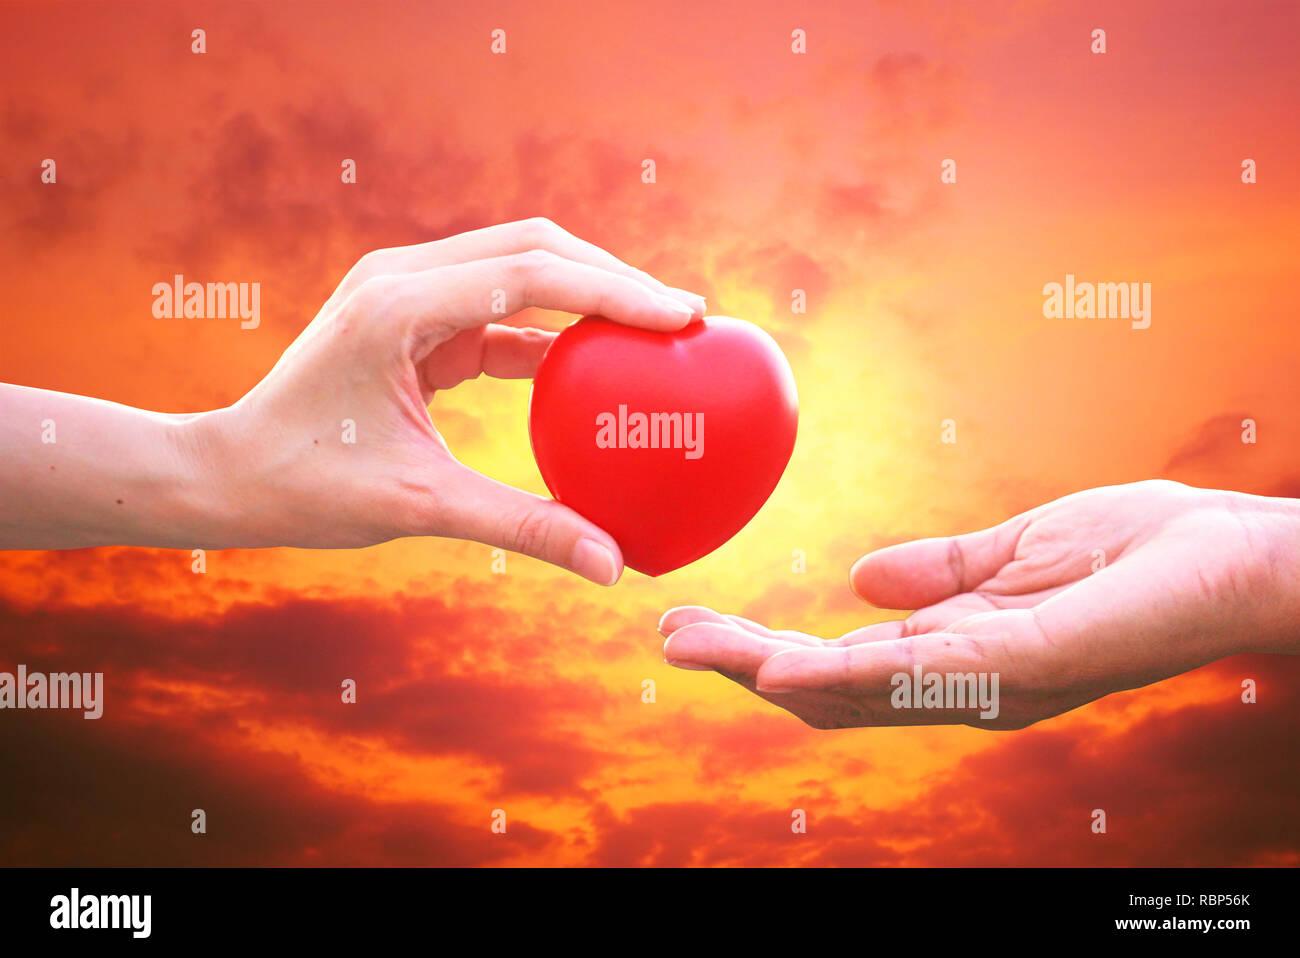 Amigo 's mano dar corazón rojo para alentar perdedor con el atardecer de fondo del cielo Imagen De Stock